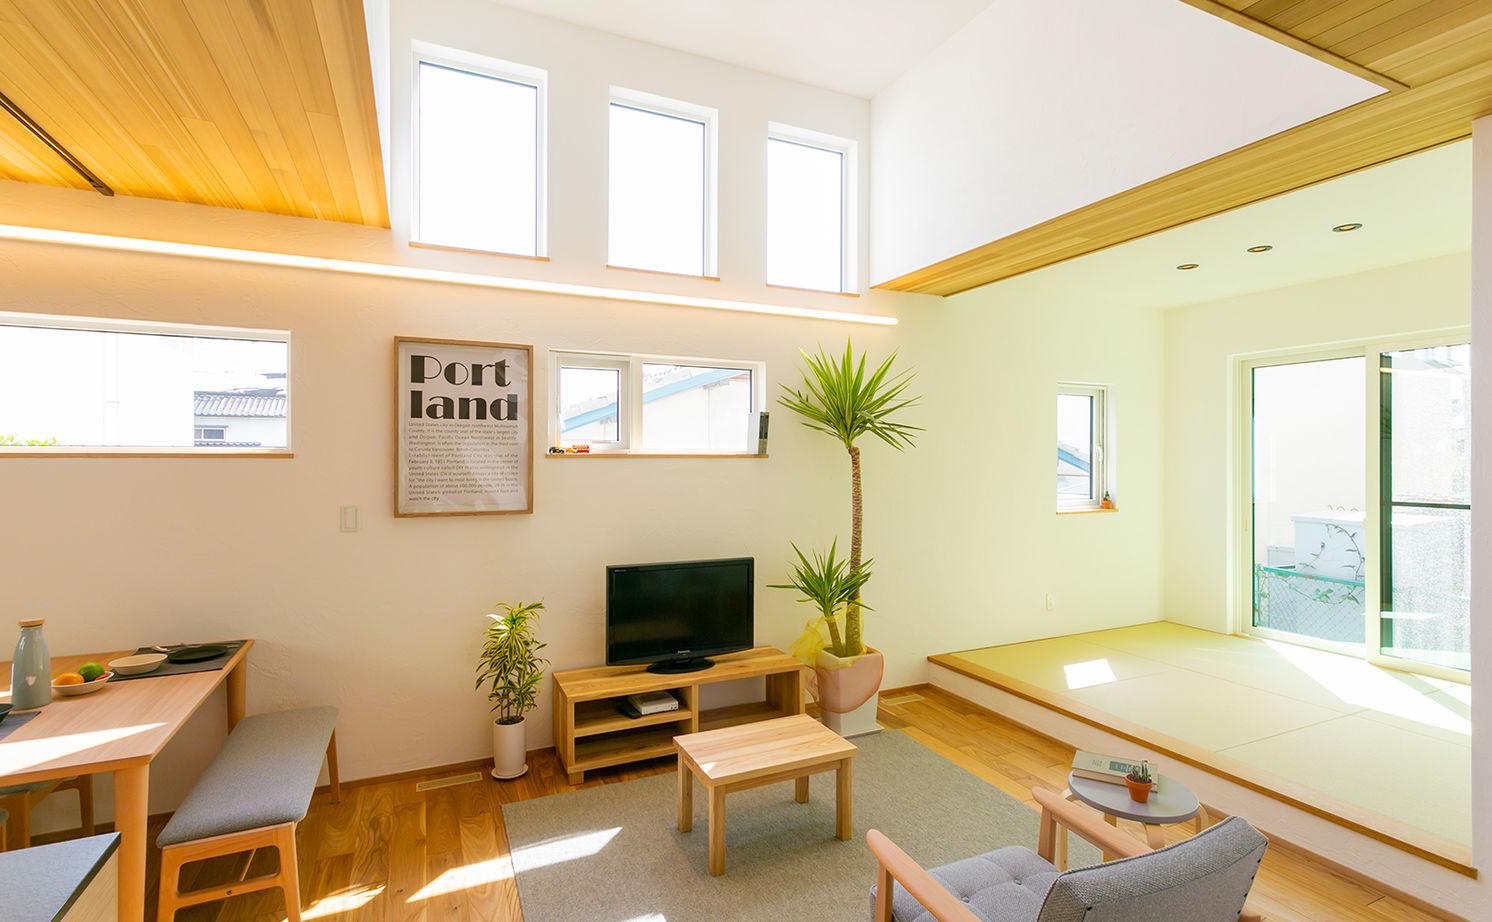 約40坪の変形地を有効利用。国産ニレ無垢材・塗り壁の外壁で大人シンプル。ハーフ吹き抜けで小屋裏を設置画像1